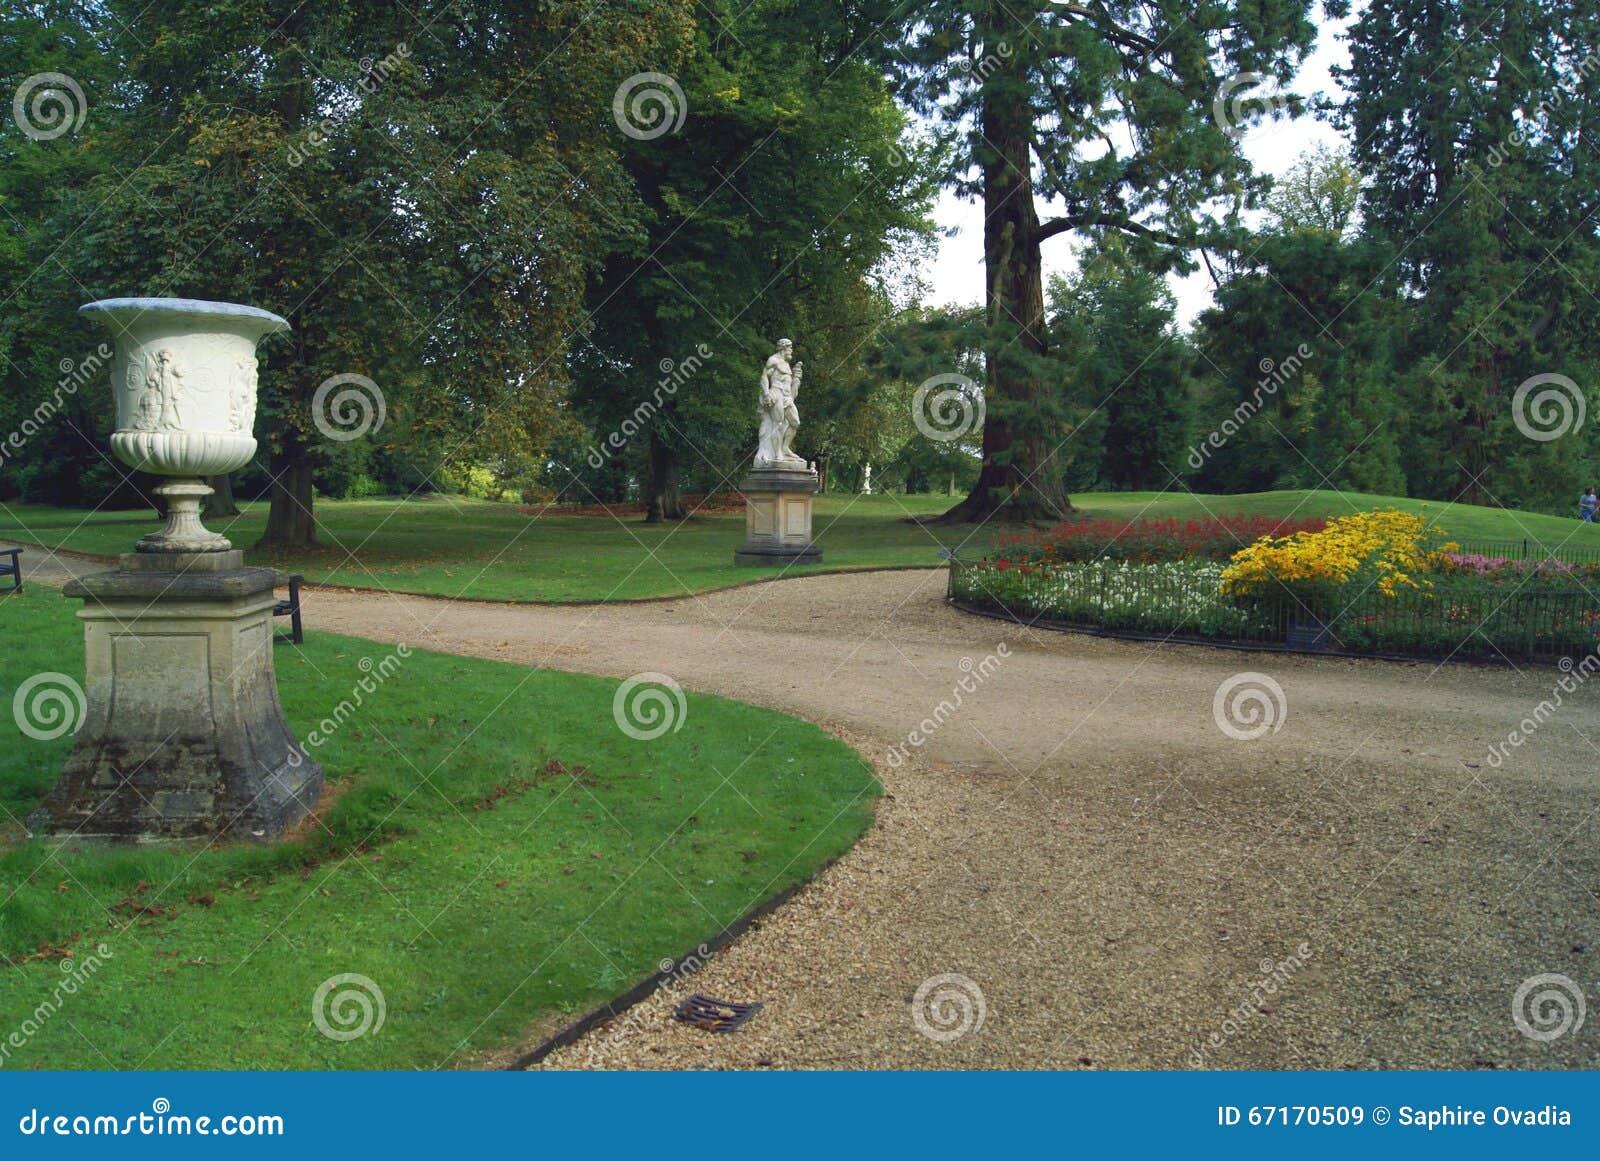 Trädgårds- bana med en prydnad och en romarestaty på en sockel